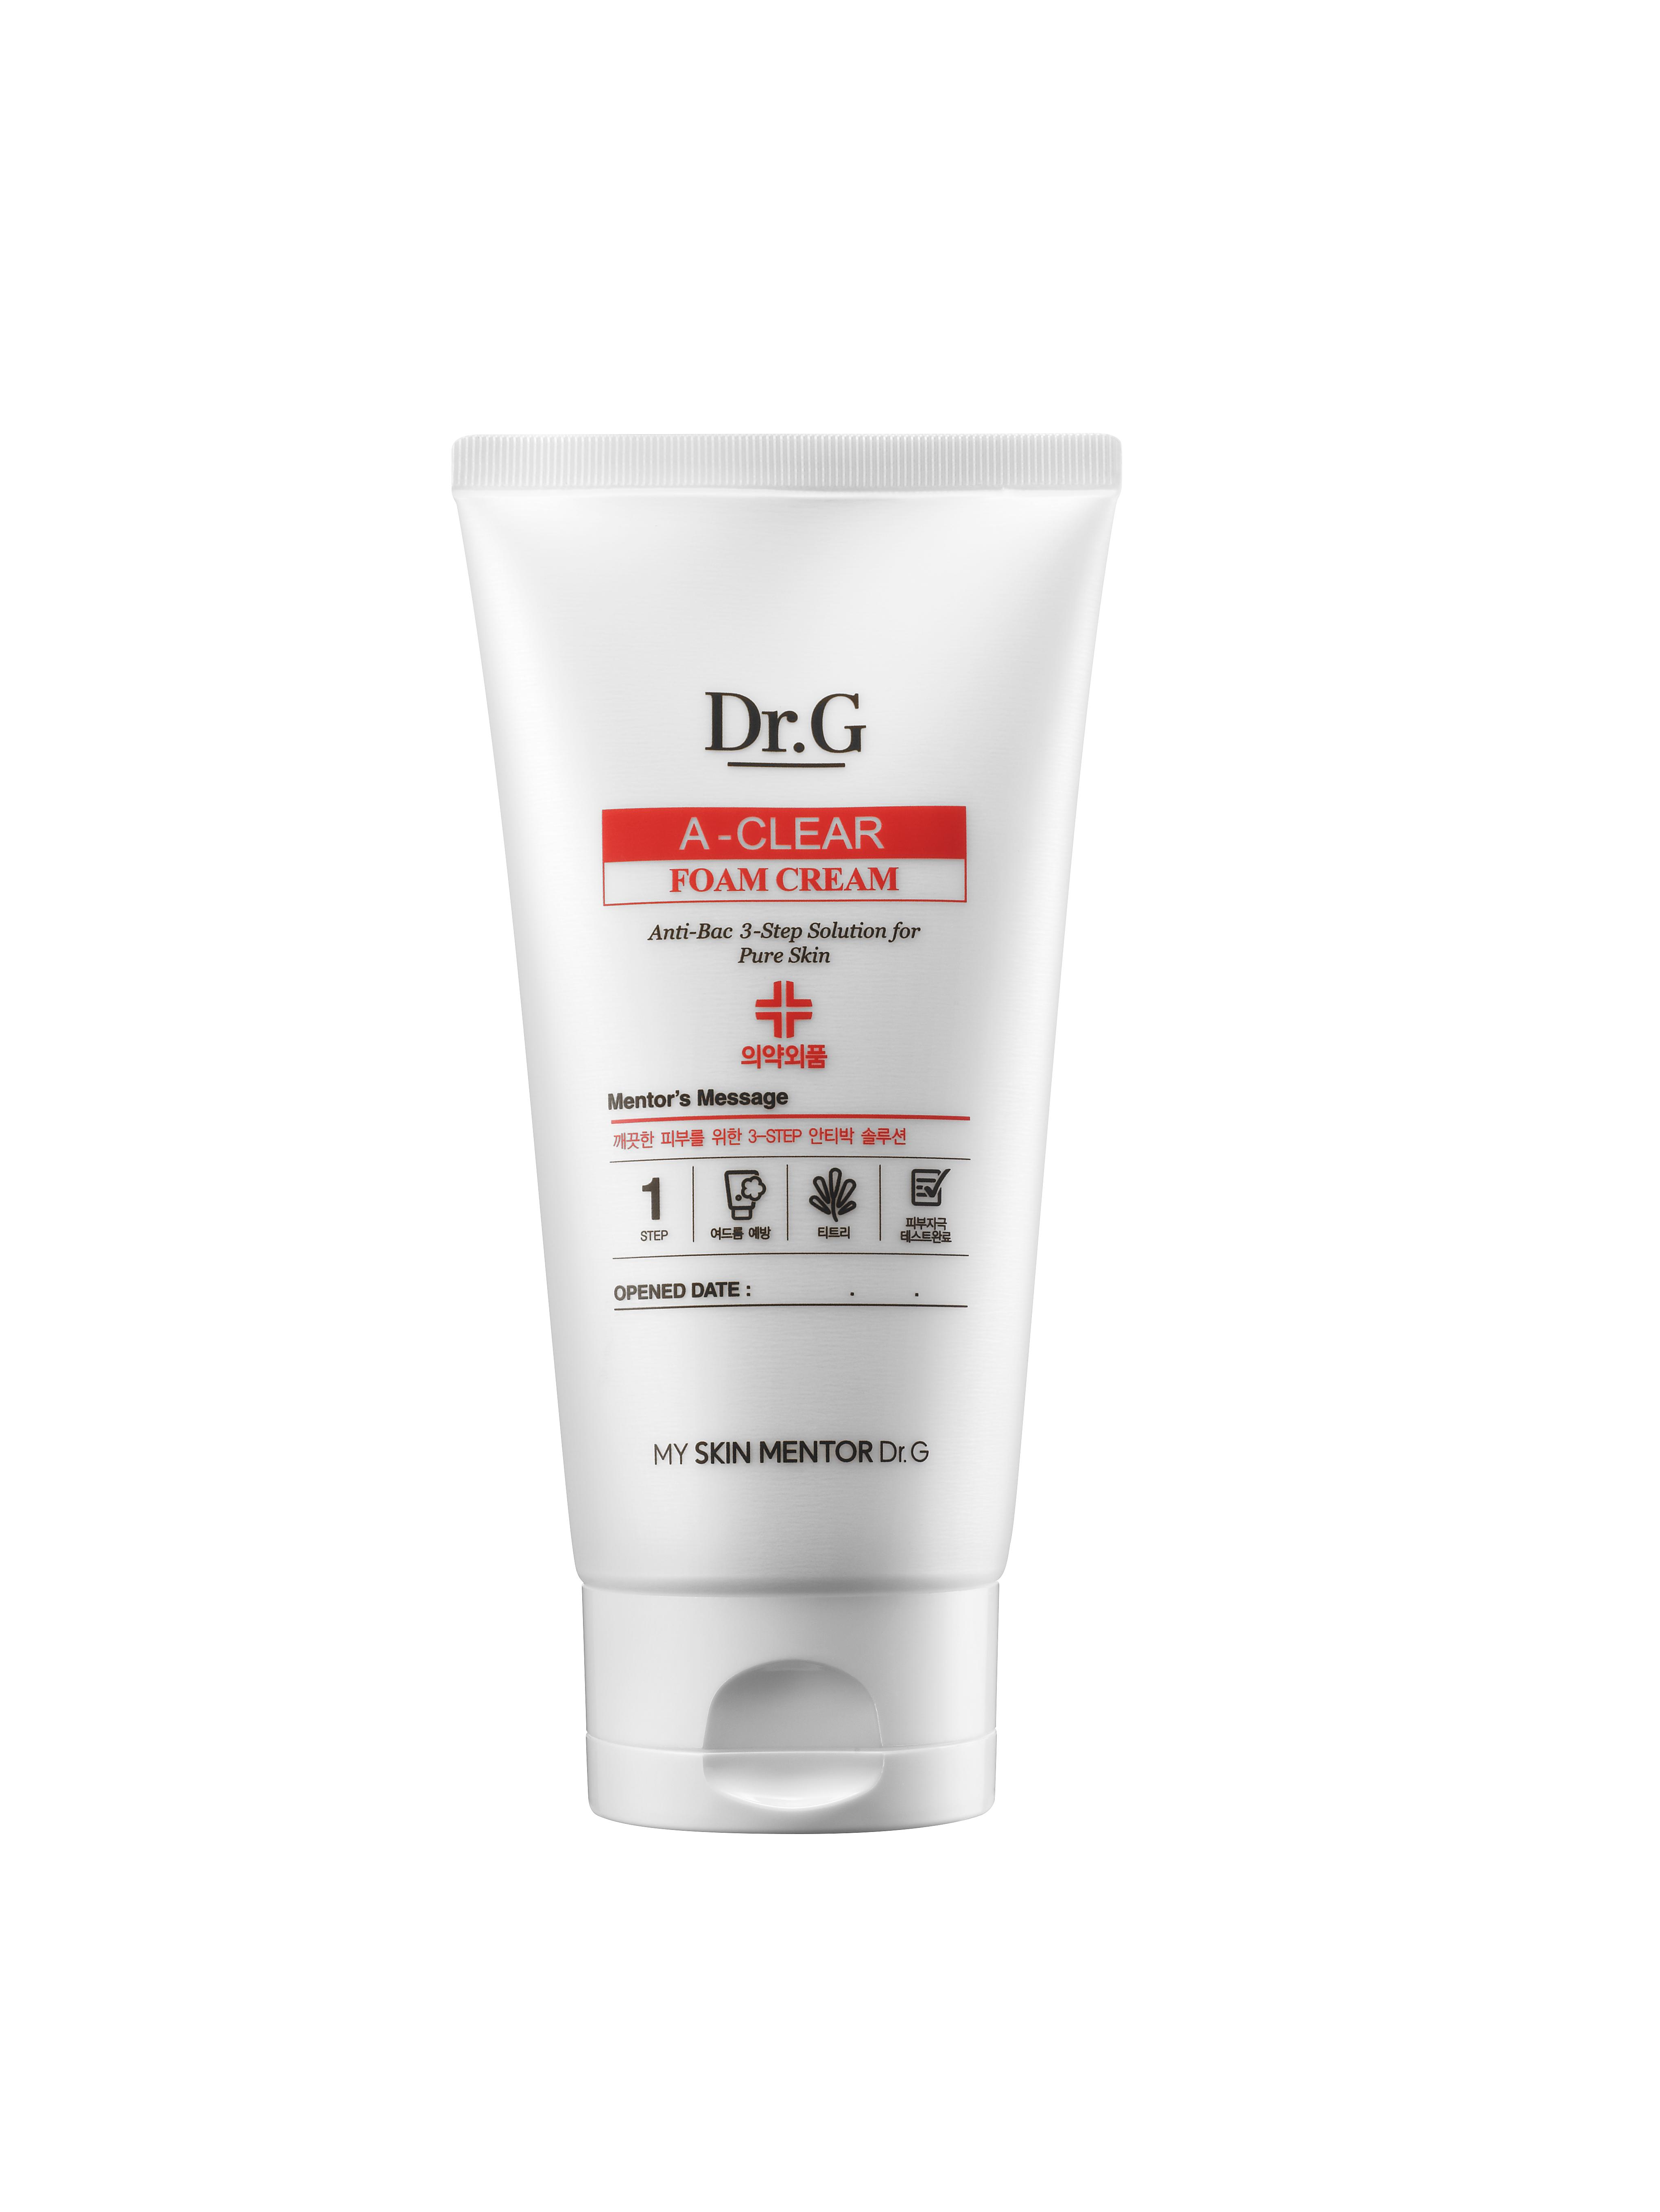 Dr. G Очищающая пенка для проблемной кожи A-Clear, 150 млDG131310Очищающая пенка не просто тщательно смывает загрязнения, а также поддерживает PH и целостность защитной мантии кожи, готовит ее к последующим этапам ухода. Очищение кожи лица пенкой A Clear – залог качественного последующего ухода. Кожа впитает в себя максимальное количество полезных микроэлементов и витаминов. Мягкая формула пенки эффективно и деликатно очищает чувствительную кожу лица. Салициловая кислота глубоко очищает поры, контролирует работу сальных желез. Кожа очищается от ороговевших клеток, становится гладкой и свежей. Салициловая кислота оказывает антисептическое антибактериальное воздействие, подавляет инфекцию, проникая глубоко в поры. Средство прекрасно подходит для проблемной кожи, снимает воспаления и покраснения, предупреждает и лечит акне.